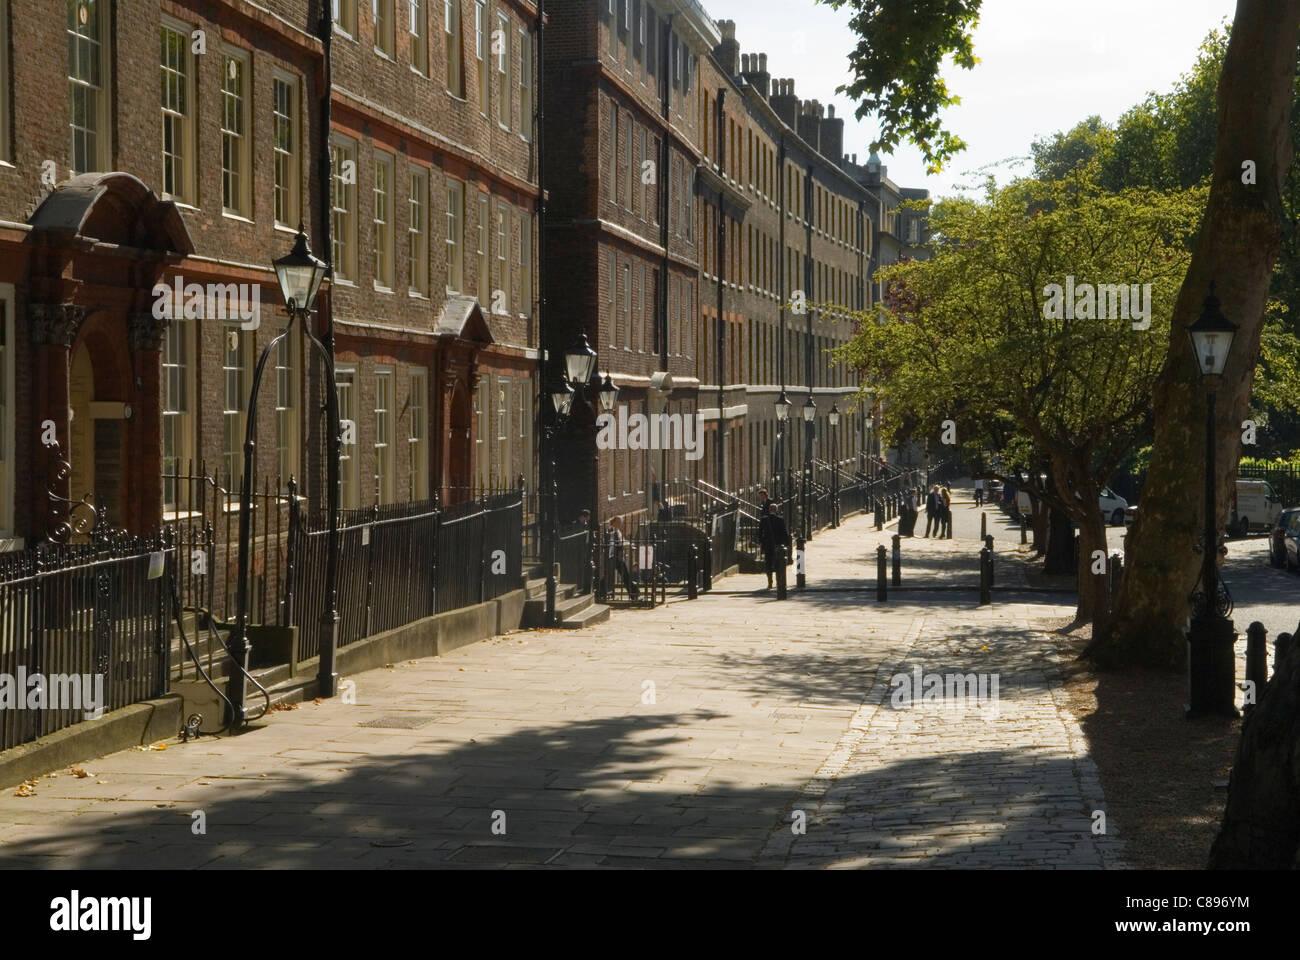 Kings King's Bench Walk. Inner Temple. Inns of Court, London UK HOMER SYKES - Stock Image